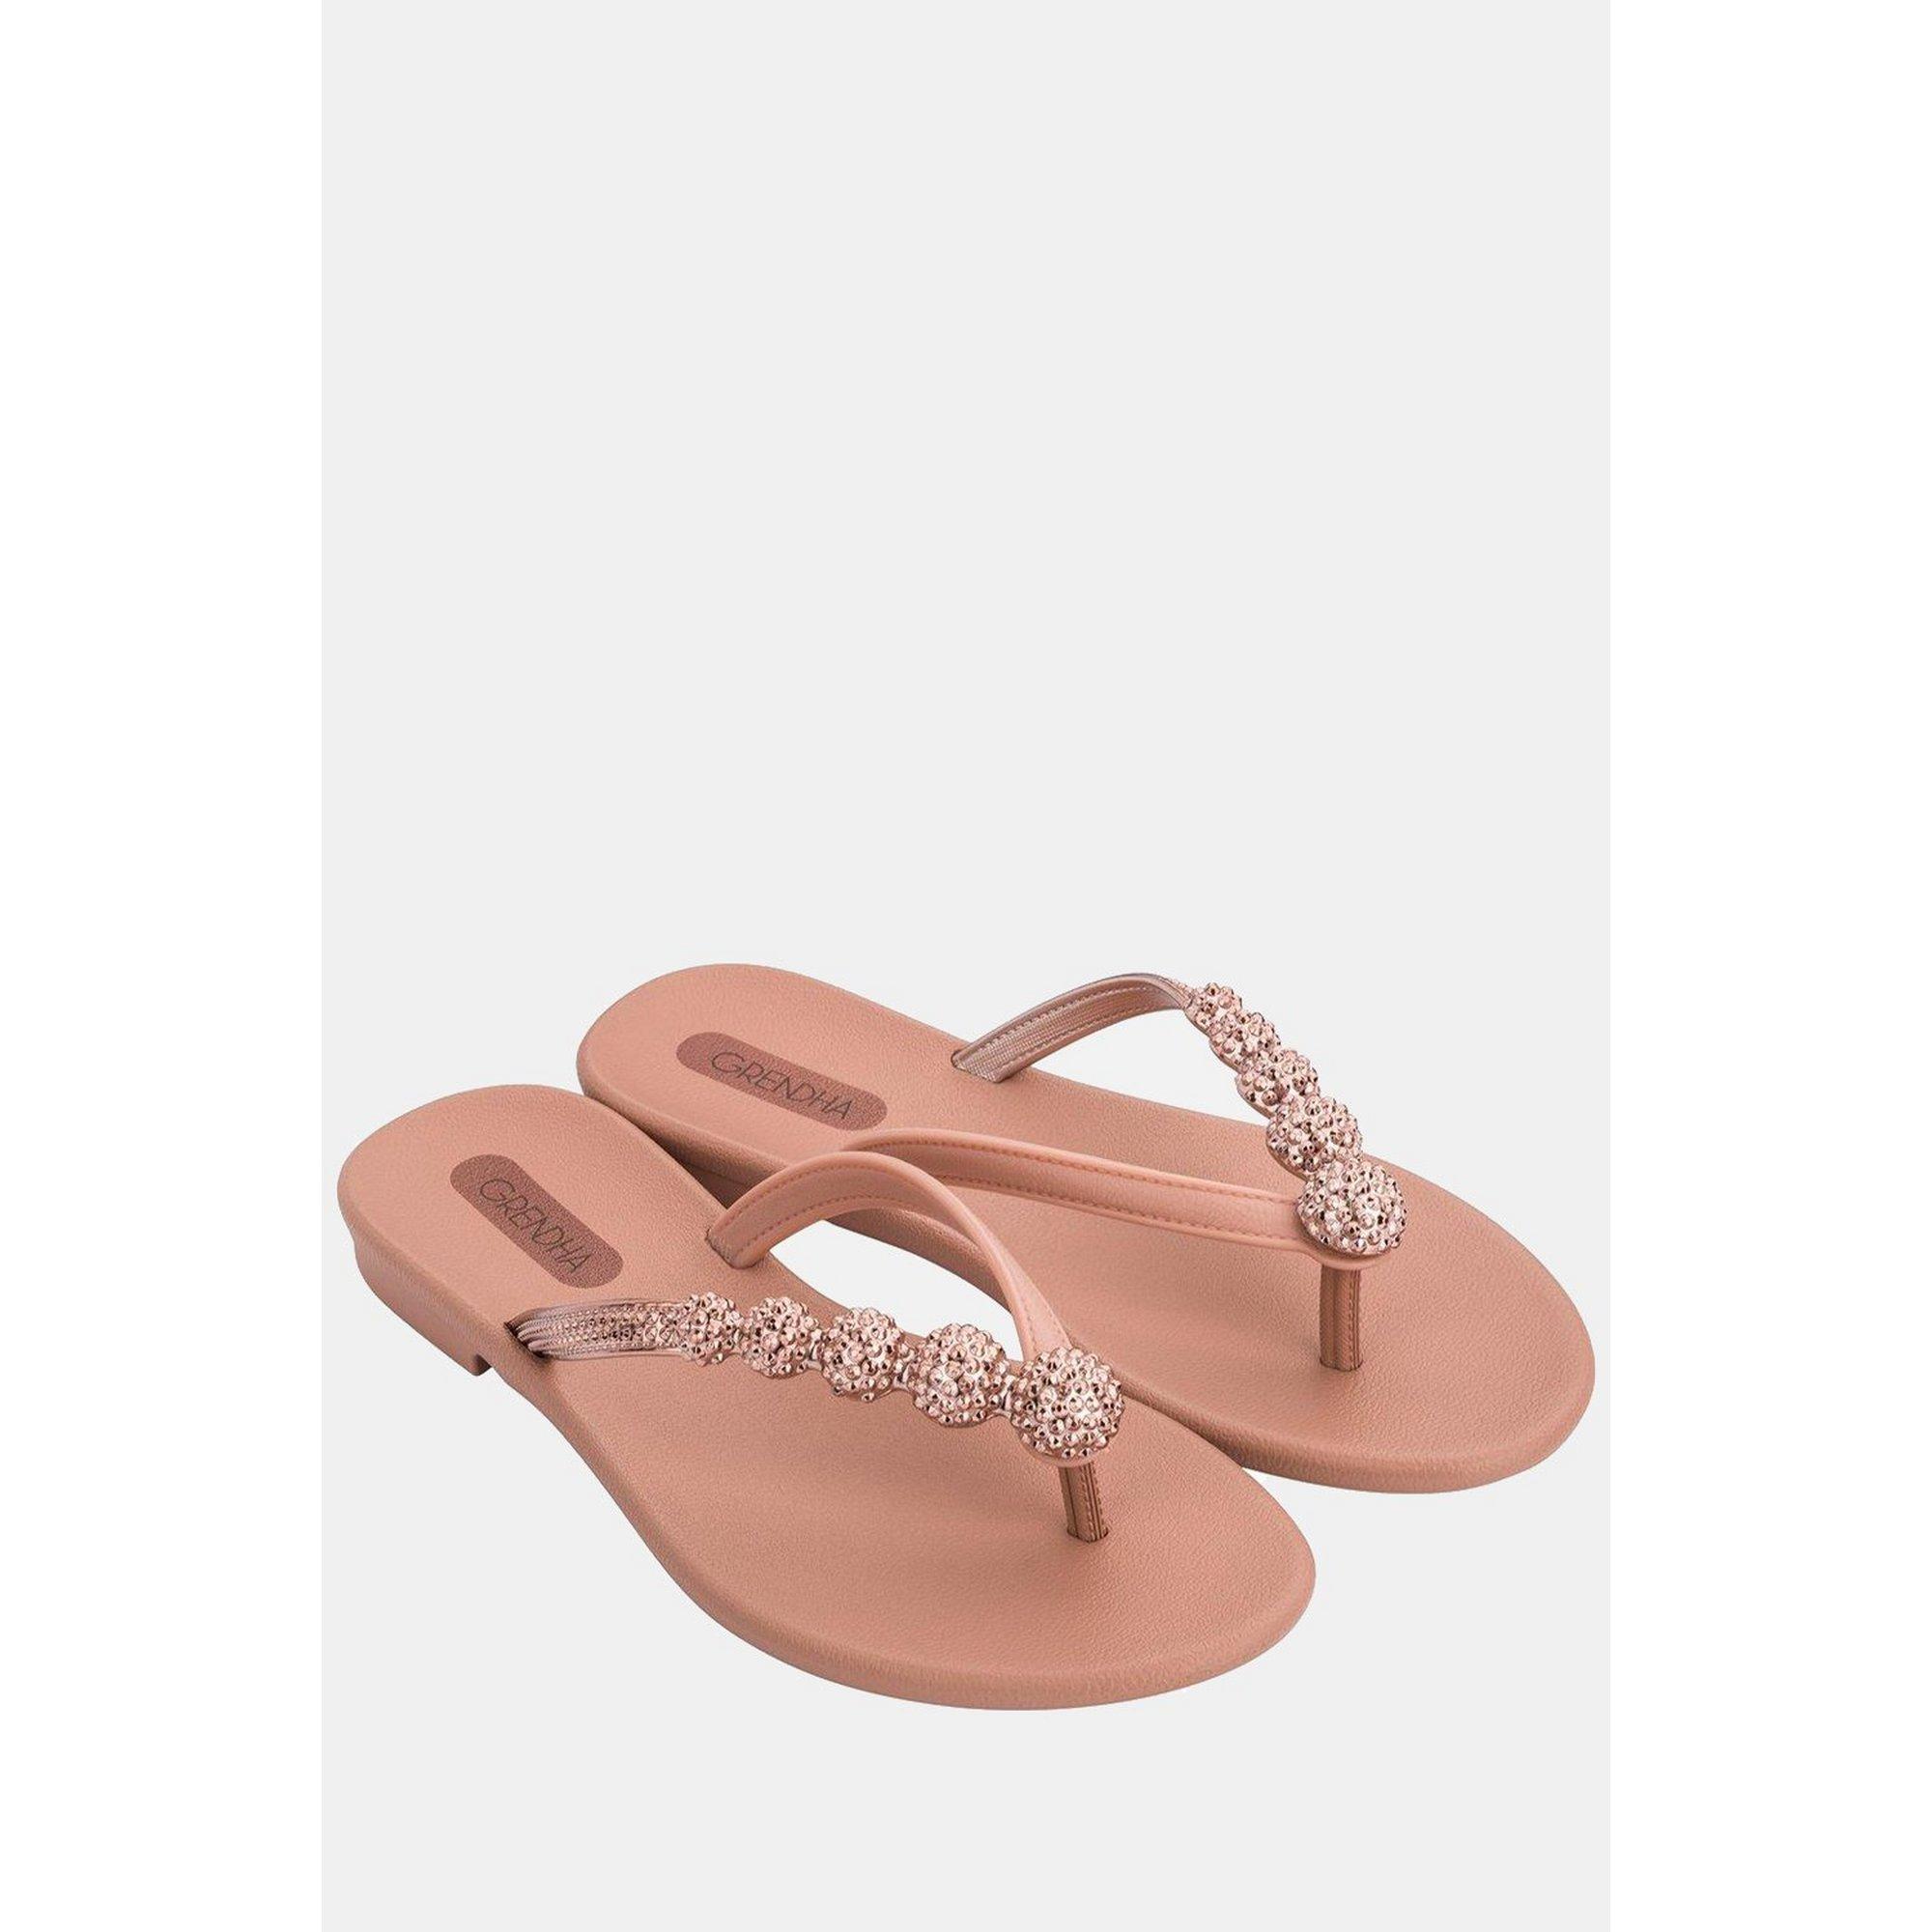 Image of Grendha Cacau Thong Sandals